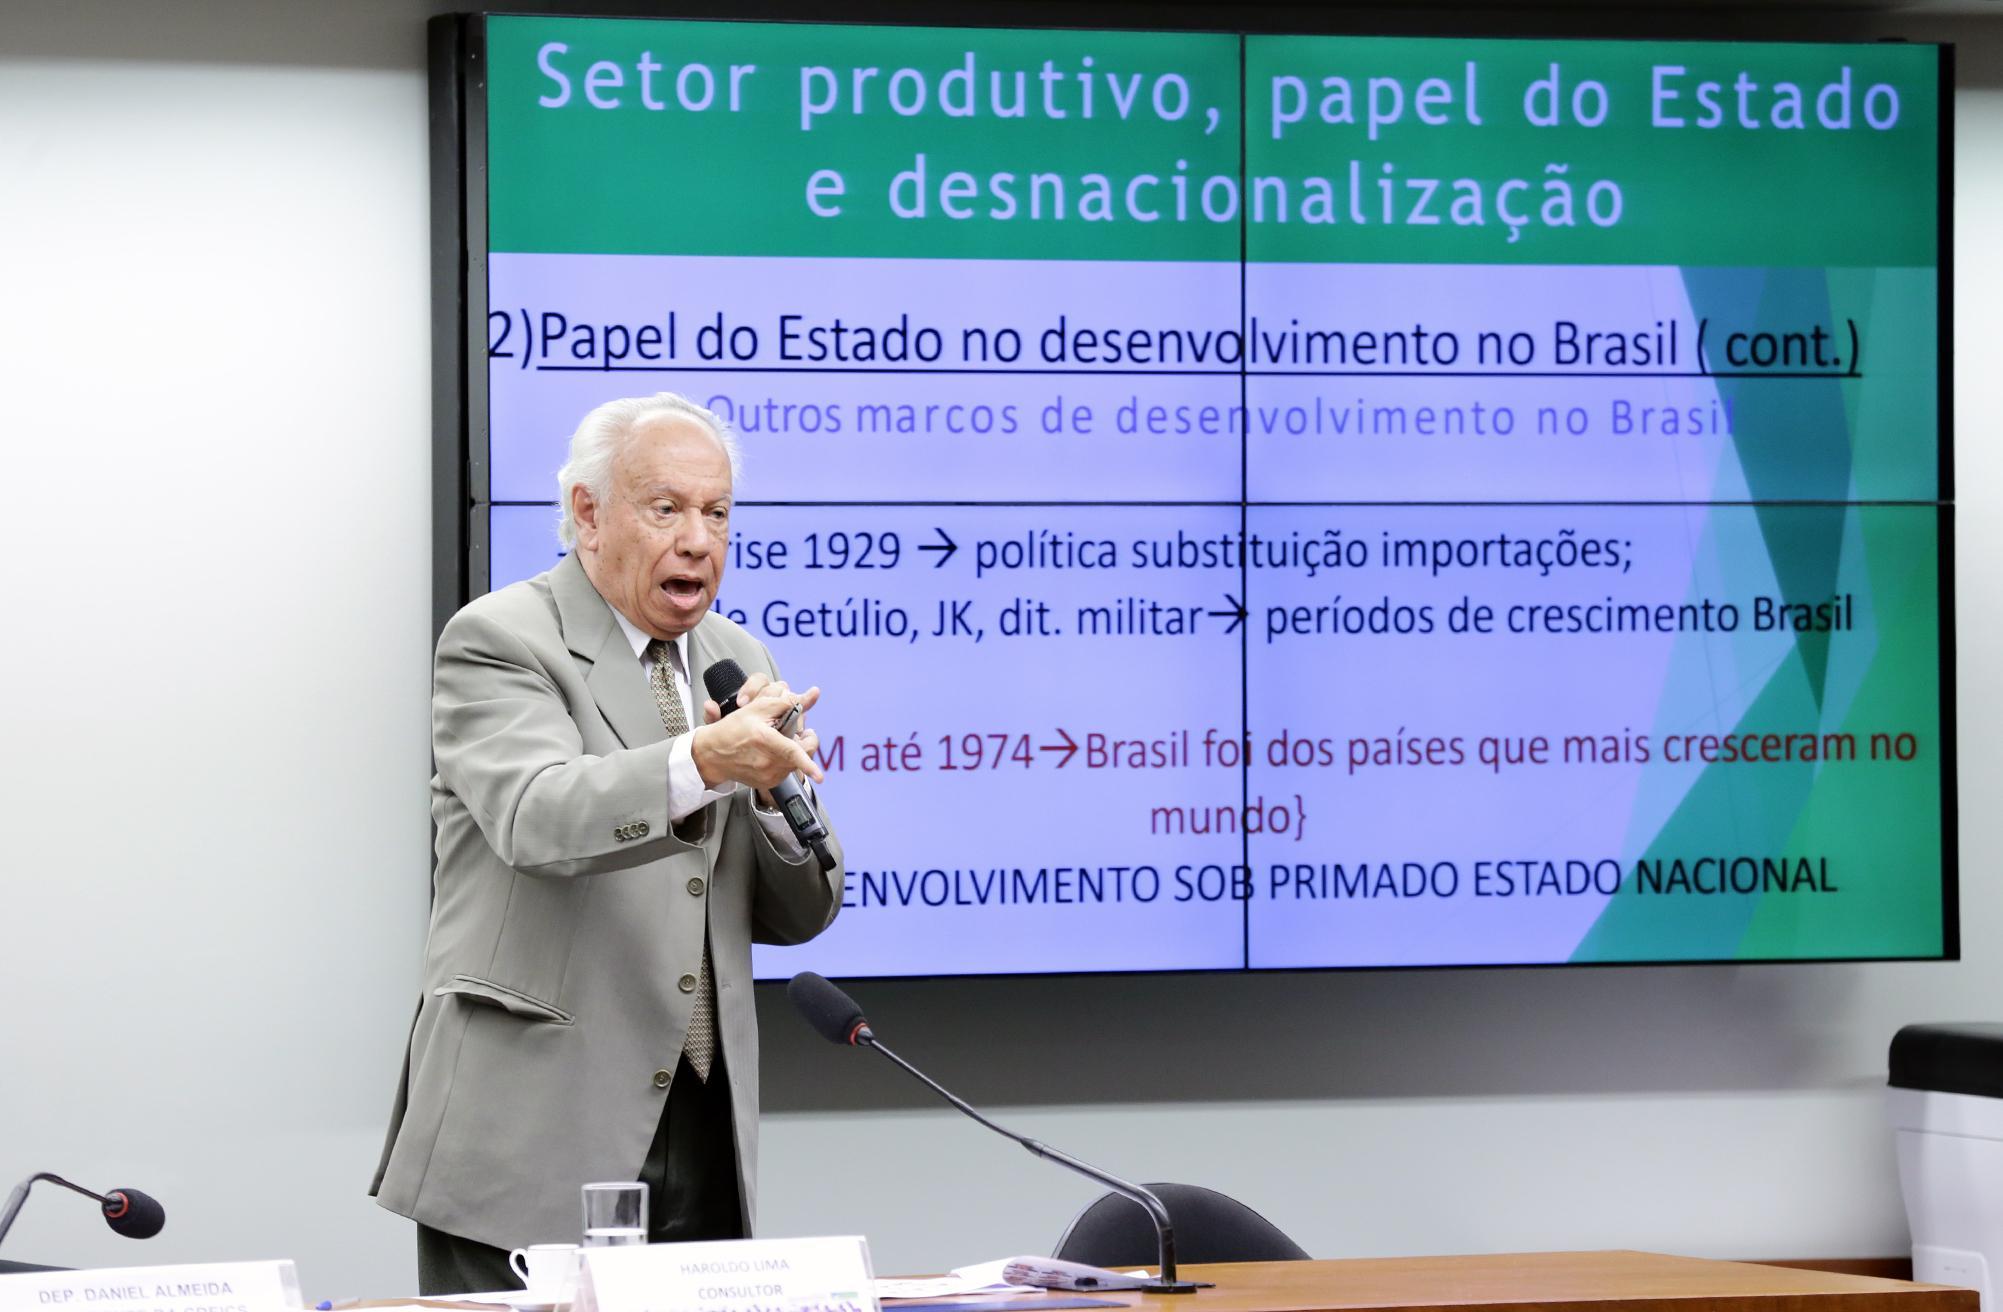 Setor Produtivo, papel do Estado e desnacionalização . Consultor de Empresas Petrolíferas Brasileiras, Haroldo Lima